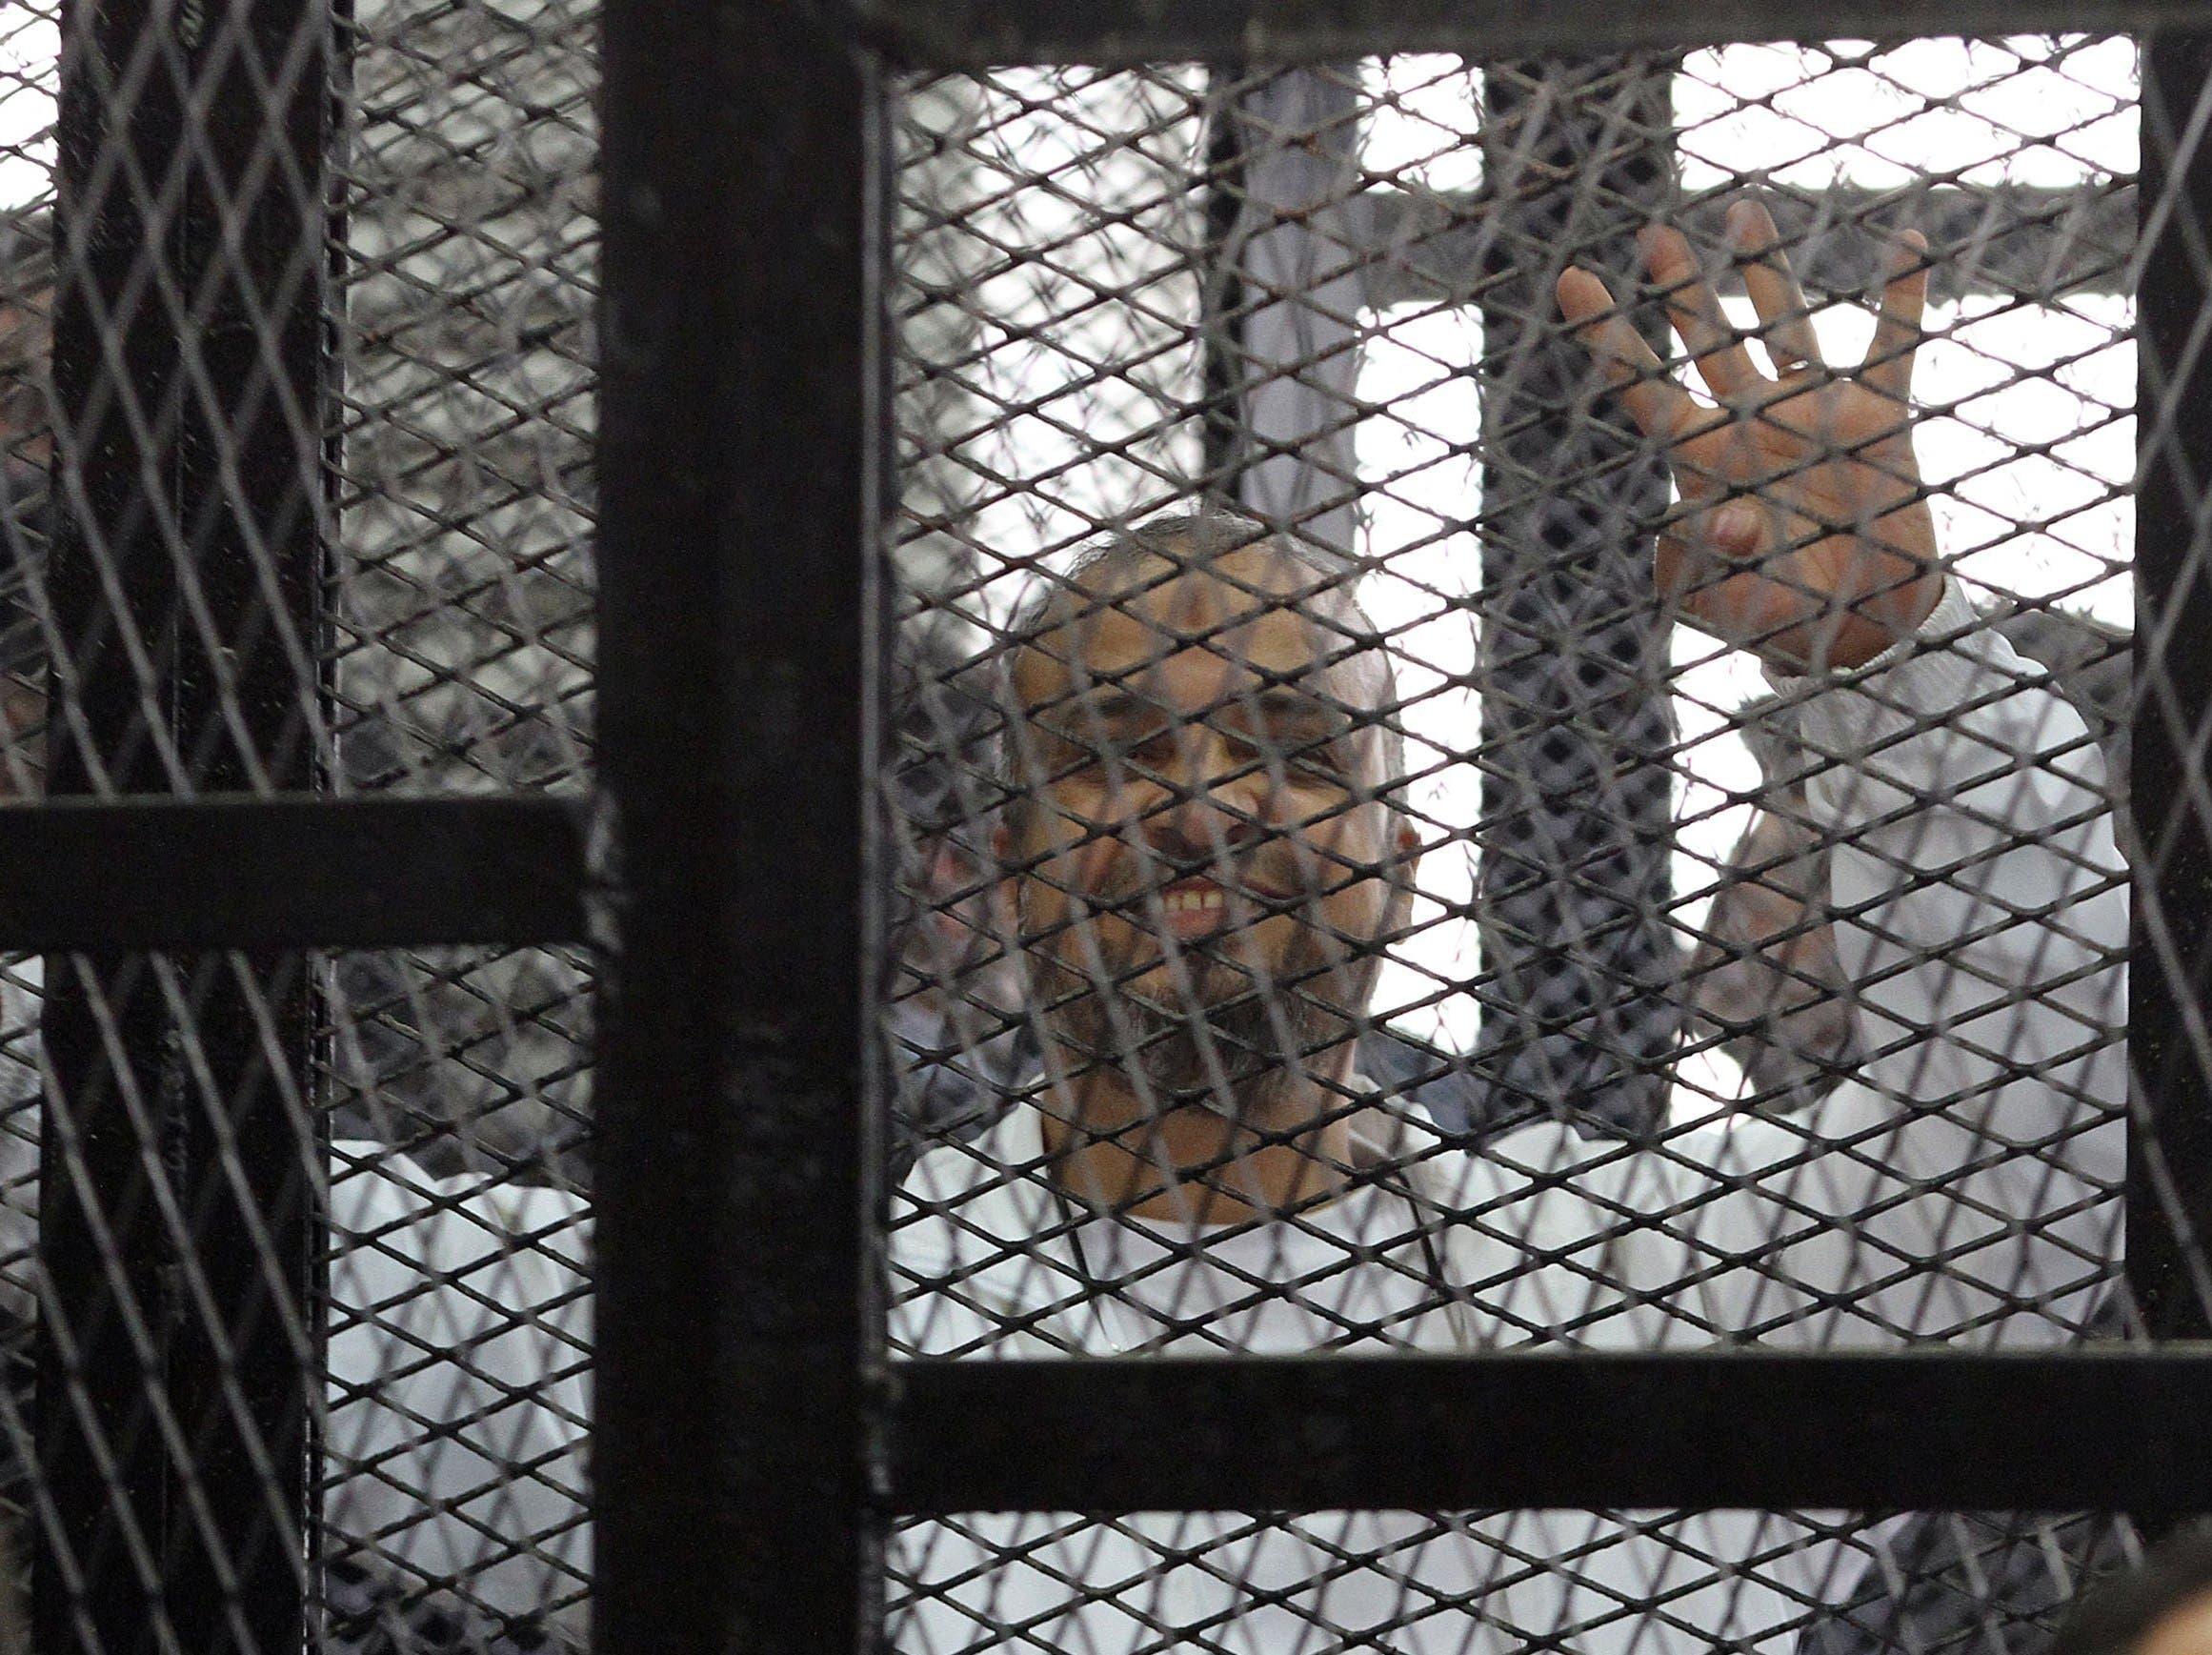 """محمد البلتاجي يشير بعلامة رابعة من داخل قفص الاتهام أثناء محاكمته """"أرشيفية"""""""